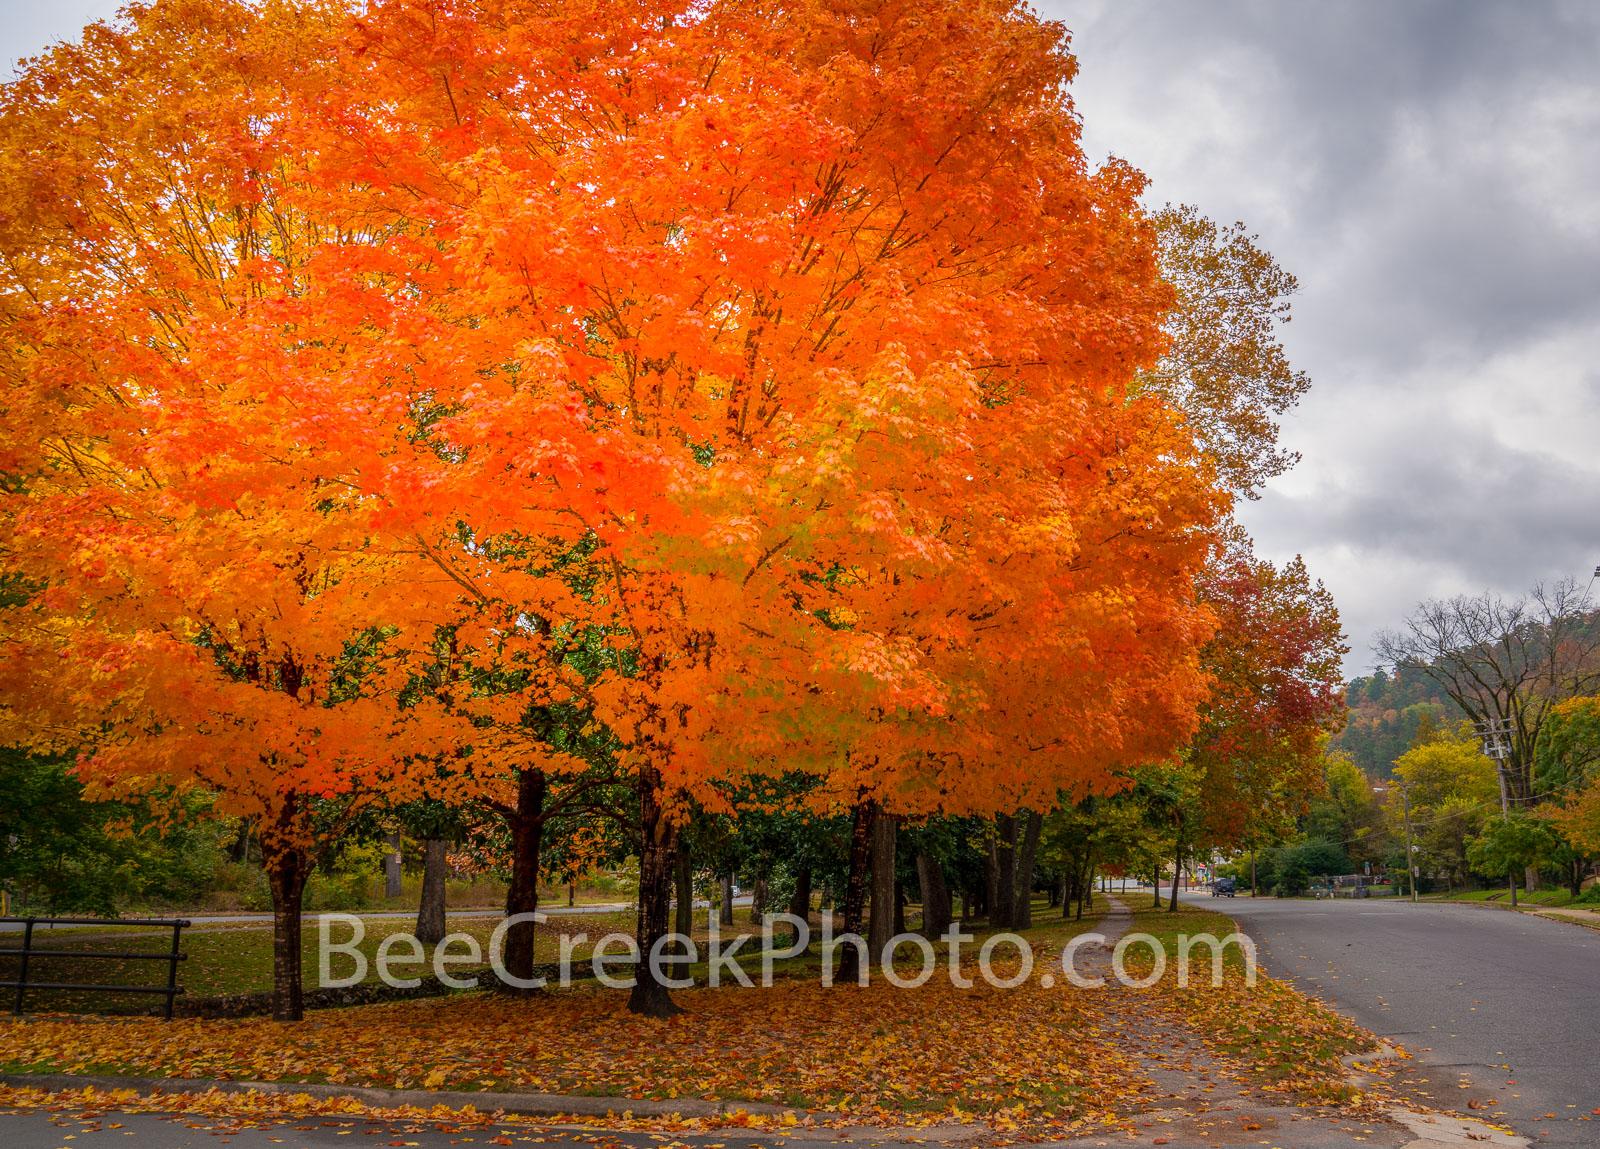 sugar maples, fall, autumn, trees, fall color, fall scenery, fall trees, maples, foliage, leaves, sun,  yellow, orange, reds, colorful, fall scene, autumn scene, autumn scenery, , photo